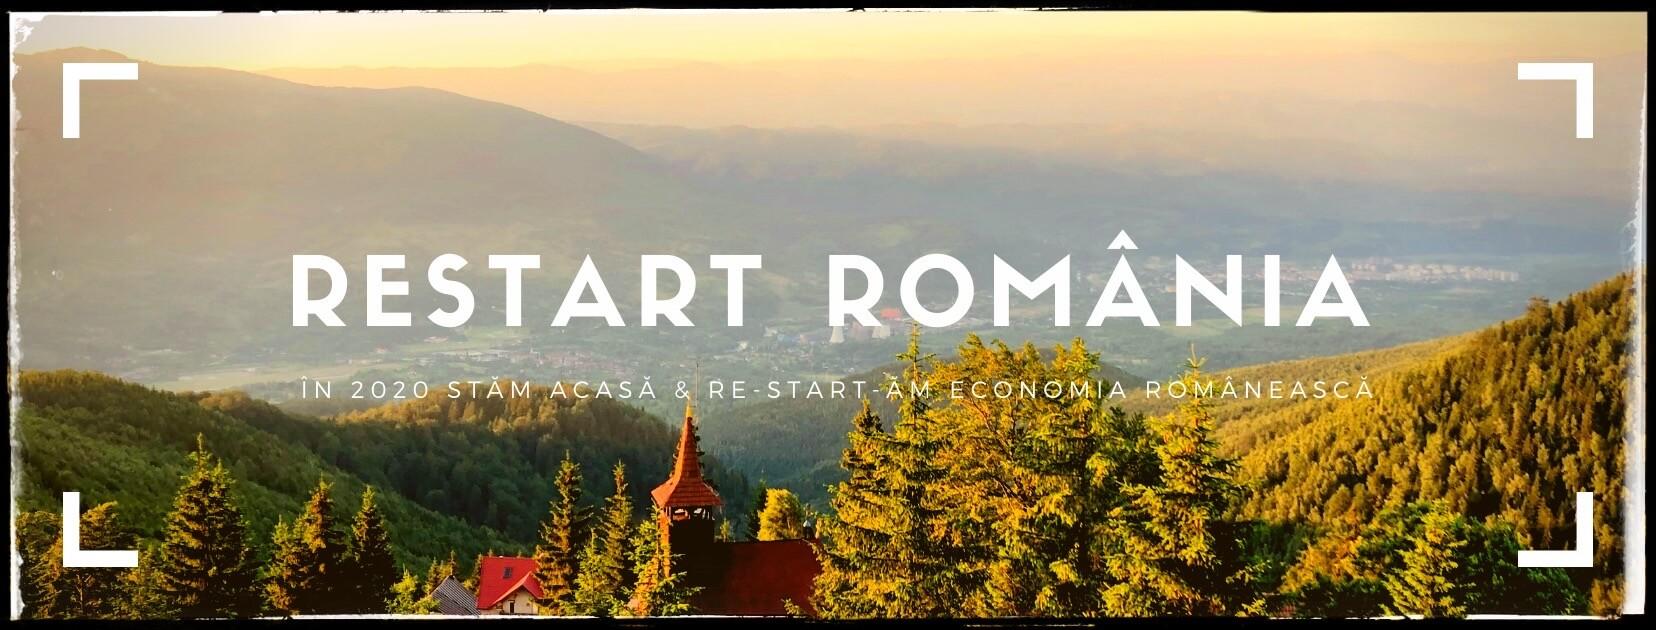 reSTART România Strategie Turism Valea JIULUI Tunelul Sfinților din Schitul Straja